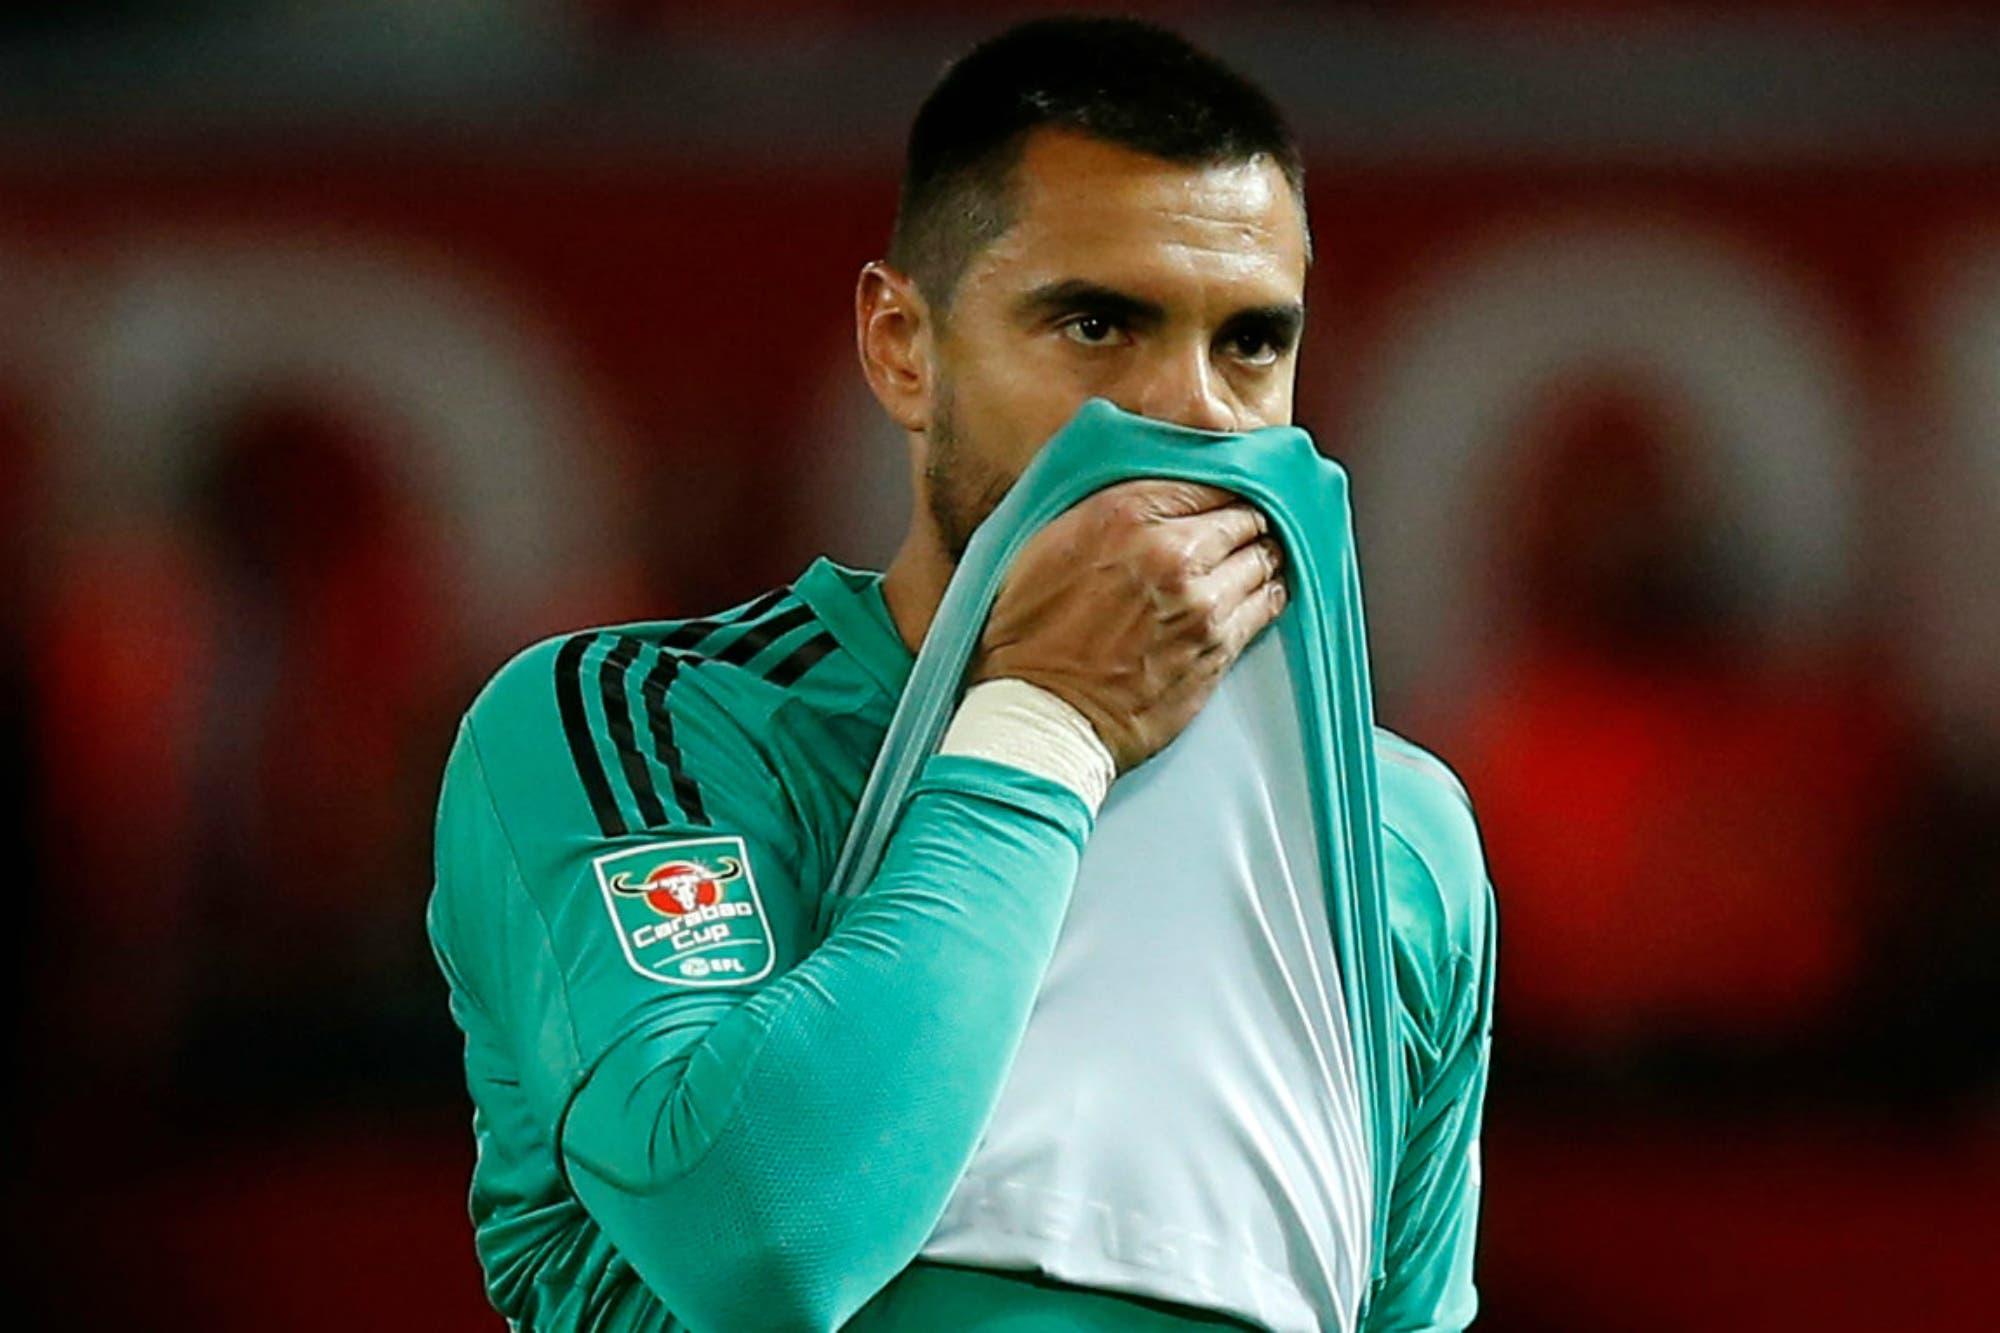 La expulsión de Romero, Icardi le ganó el duelo a Gio Simeone y los 100 partidos de Correa en la Liga de España